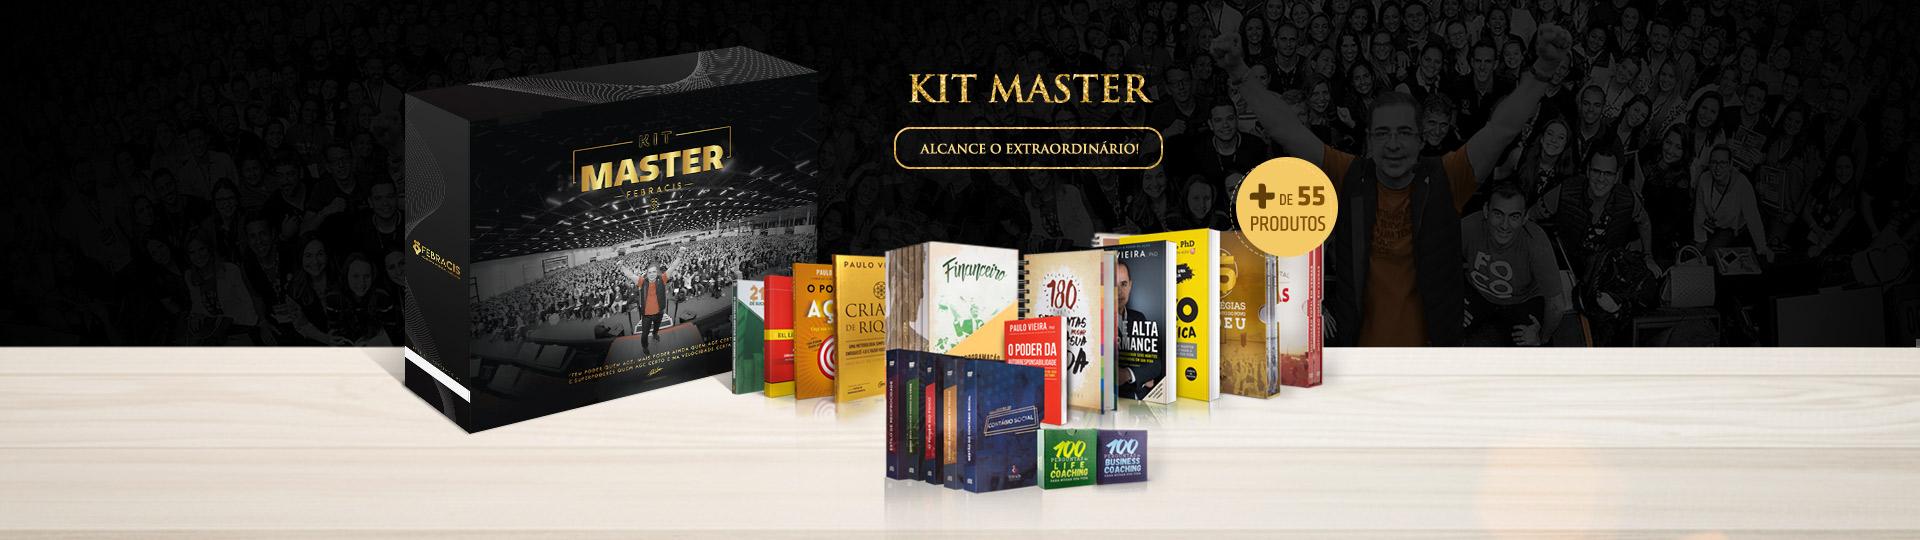 Kit Master